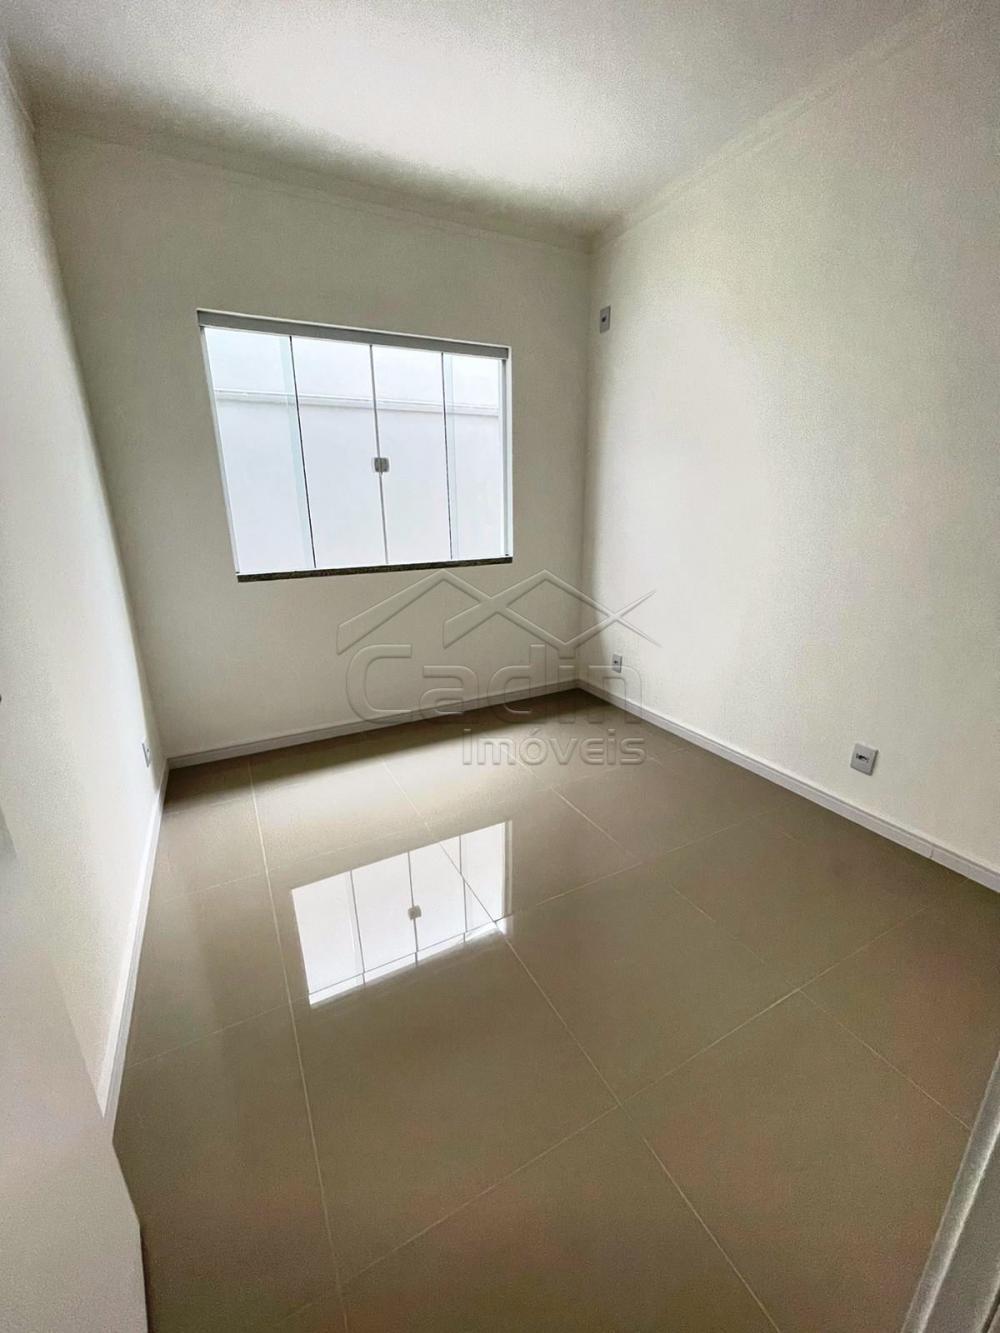 Comprar Casa / Geminada em Navegantes R$ 385.000,00 - Foto 14